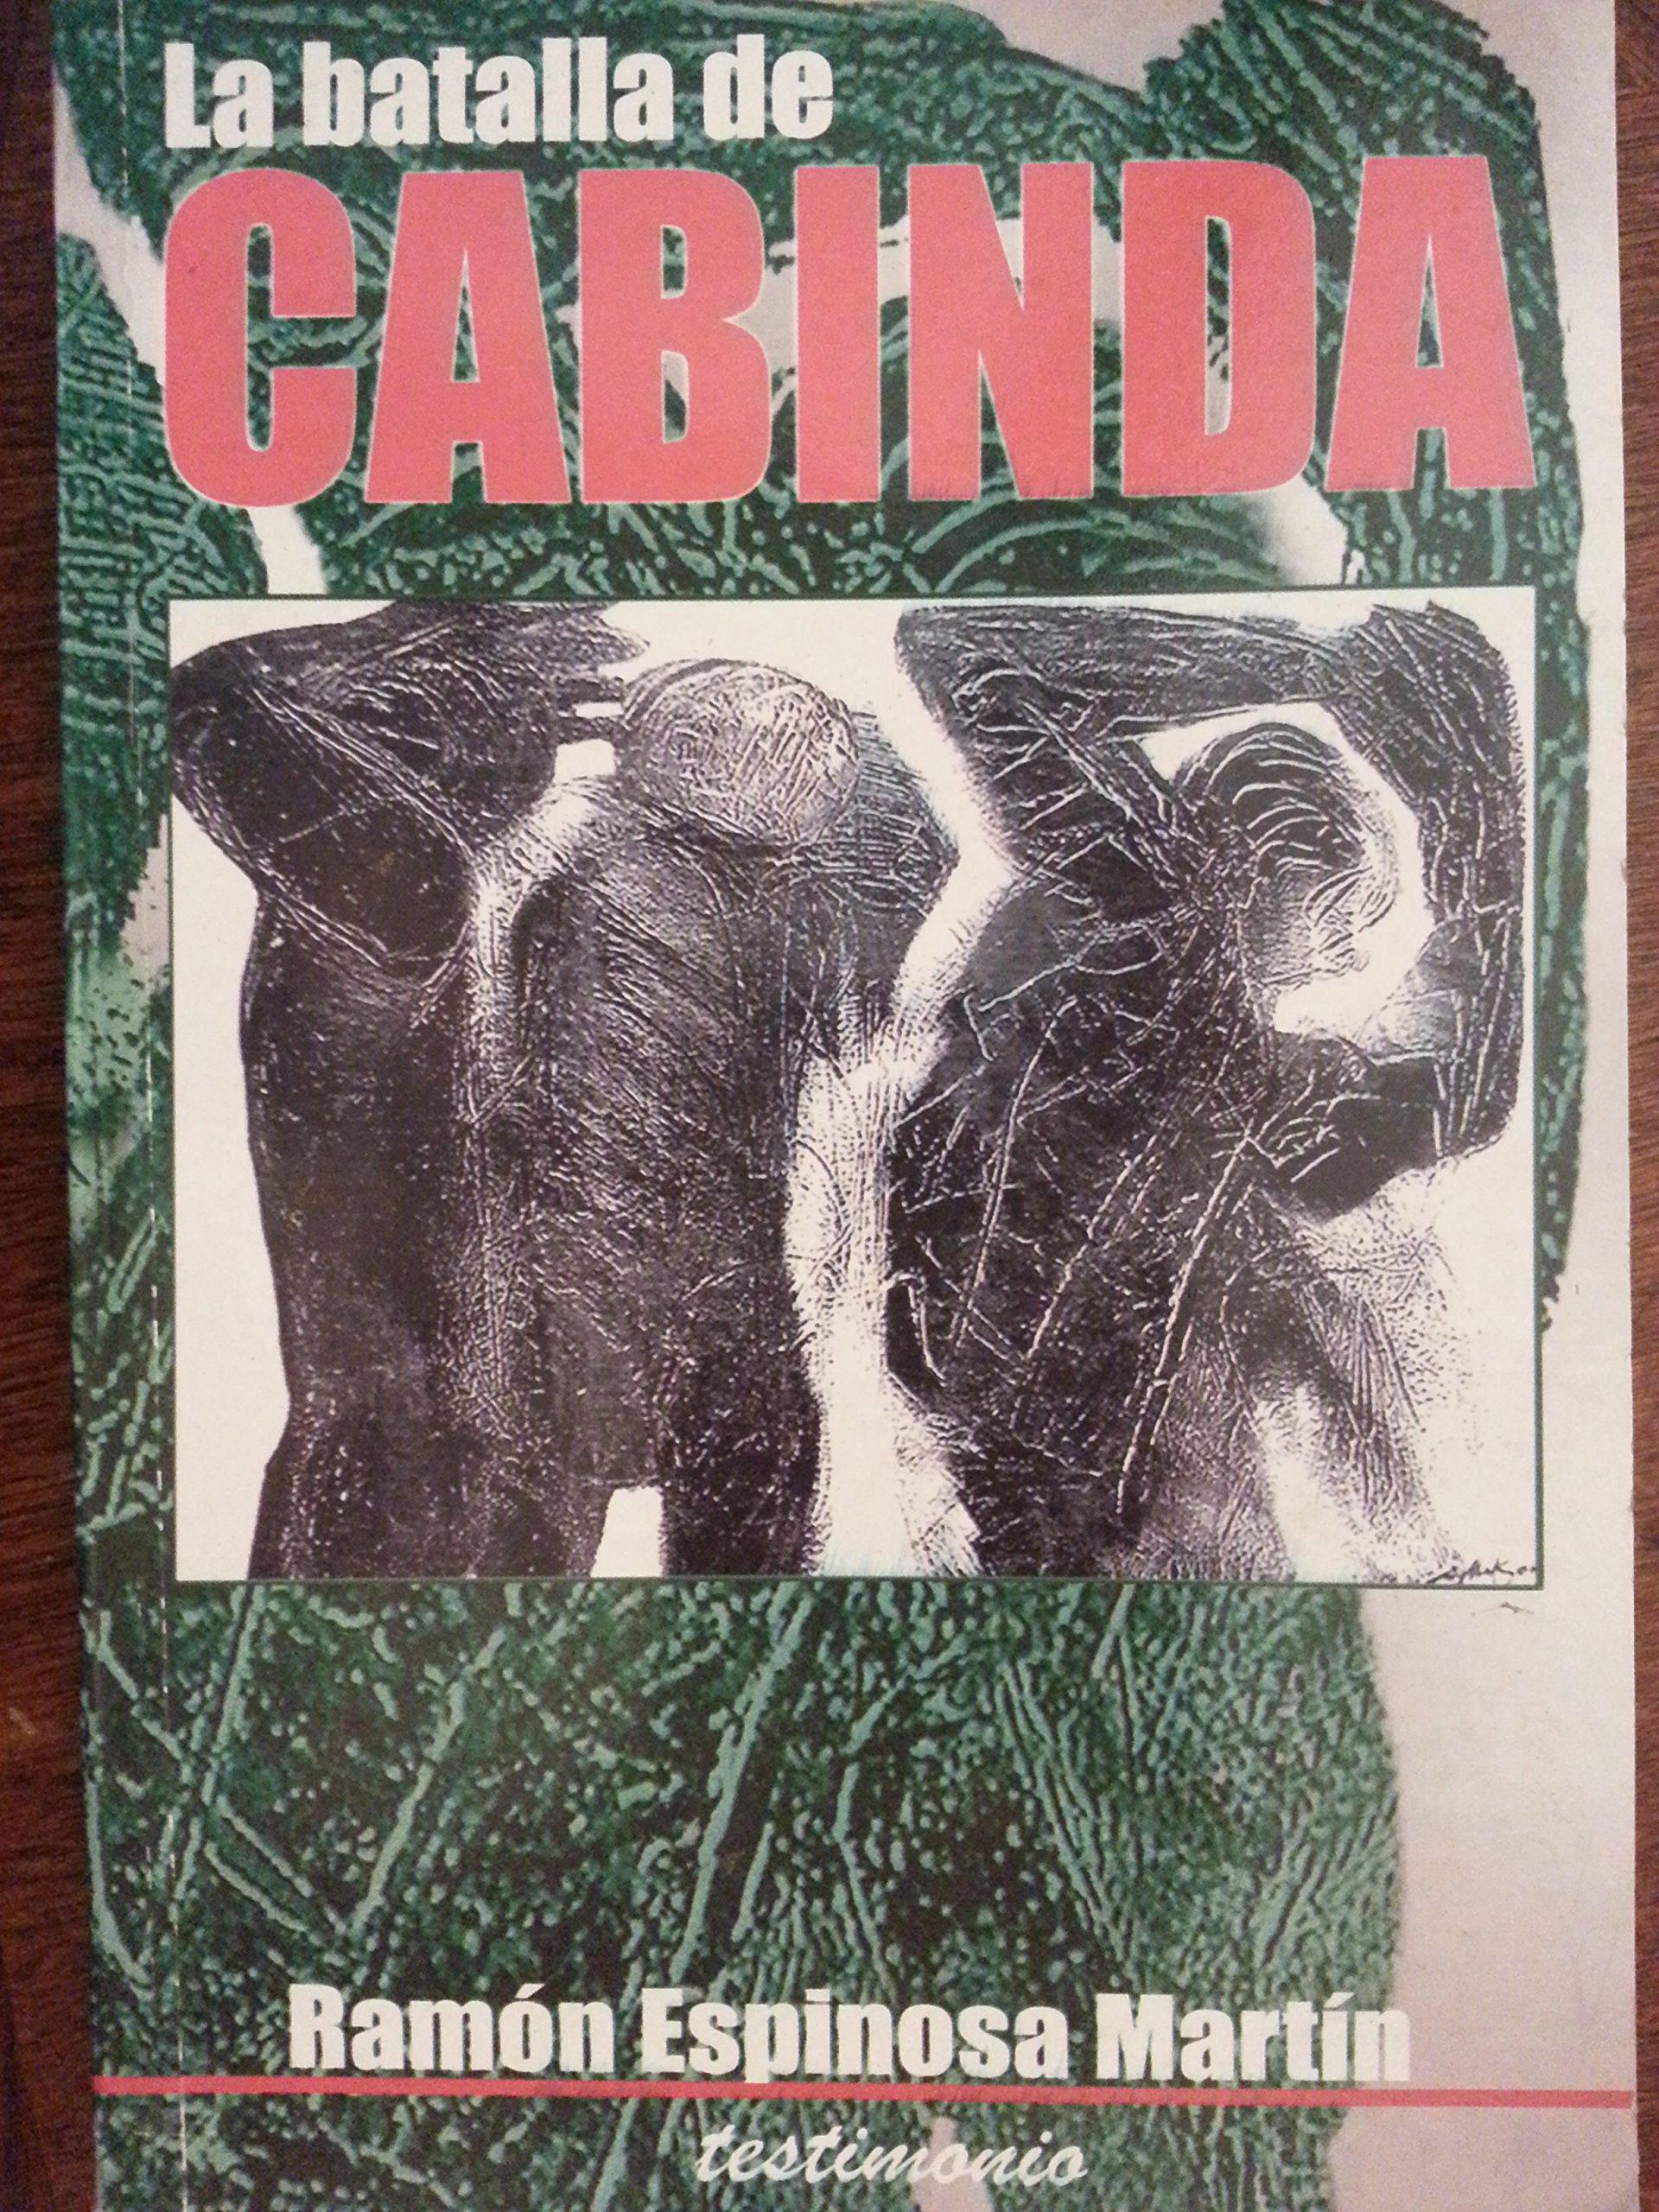 la batalla de cabinda.historia de la batalla de cabinda en angola,1975.por el general de cuerpo de ejercito ramon espinosa martin.angola war. pdf epub